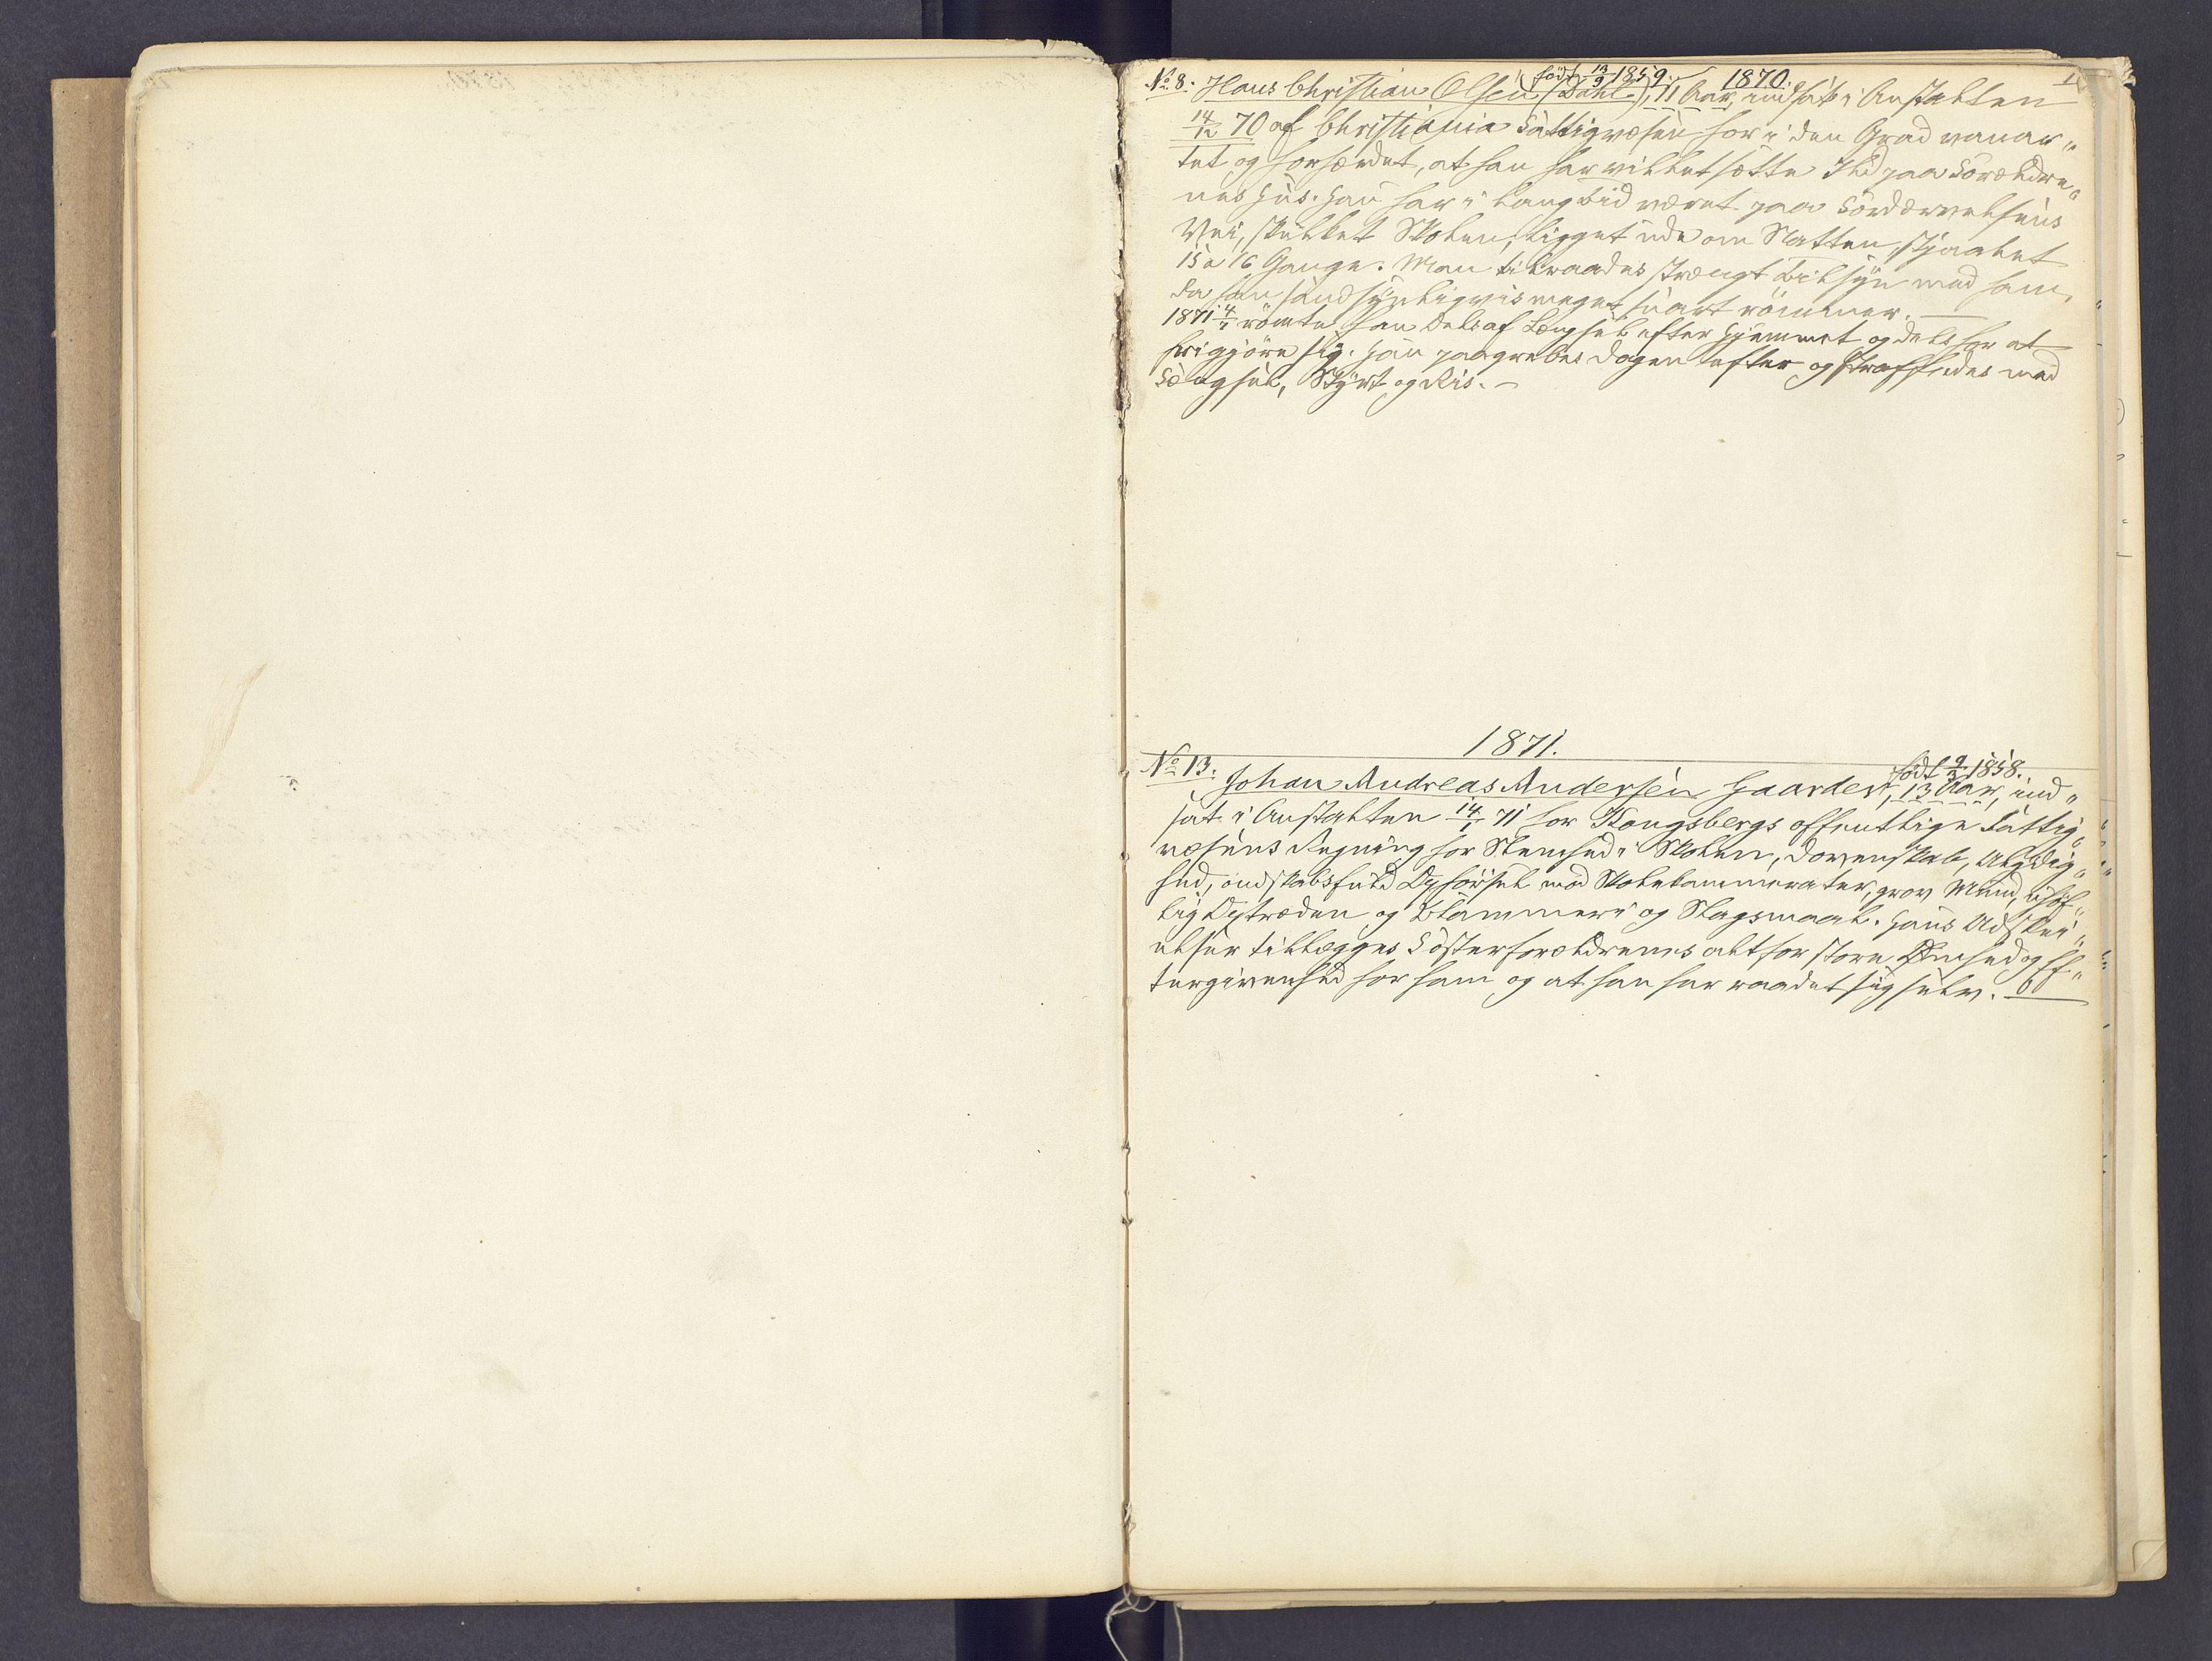 SAH, Toftes Gave, F/Fc/L0002: Elevprotokoll, 1870-1885, s. 1